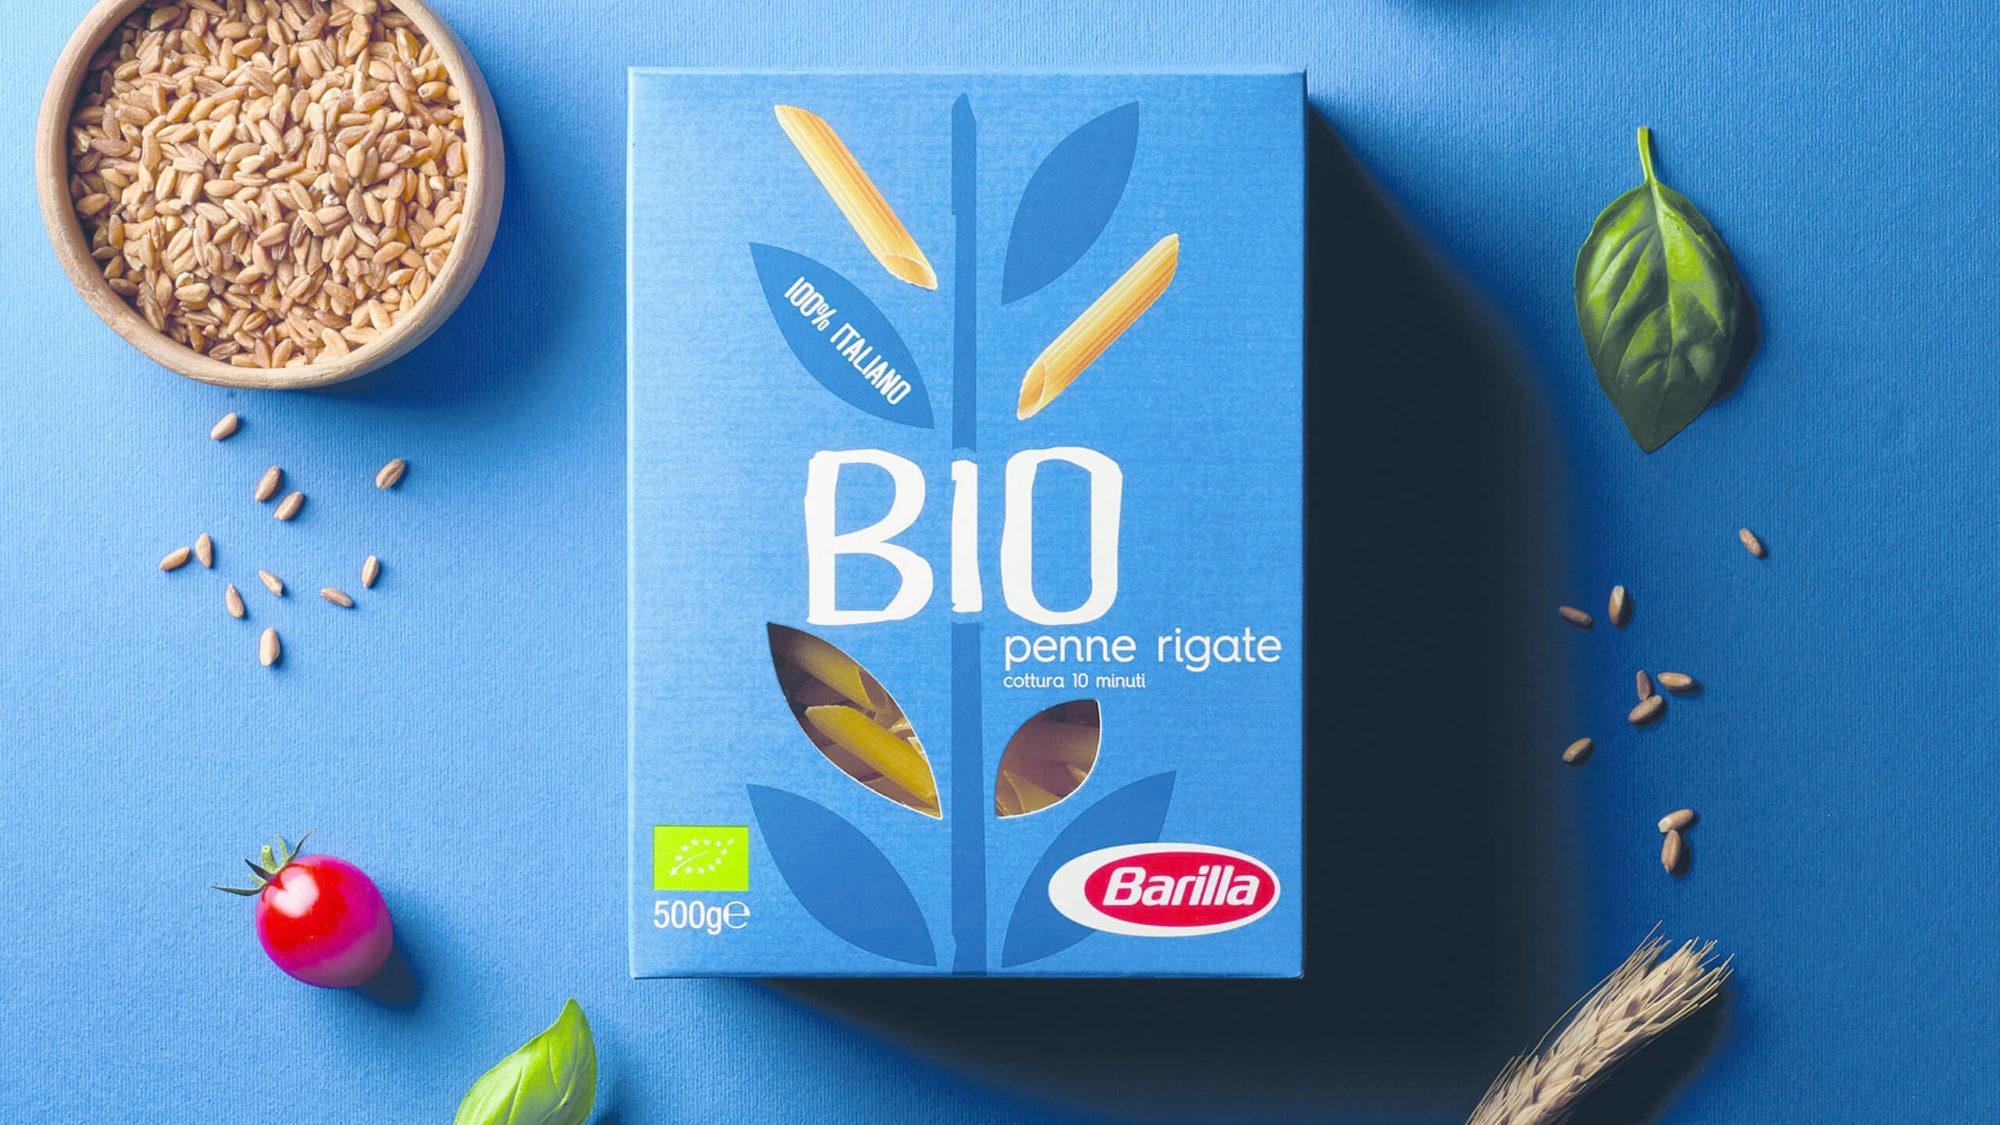 Barilla Bio & Legumotti